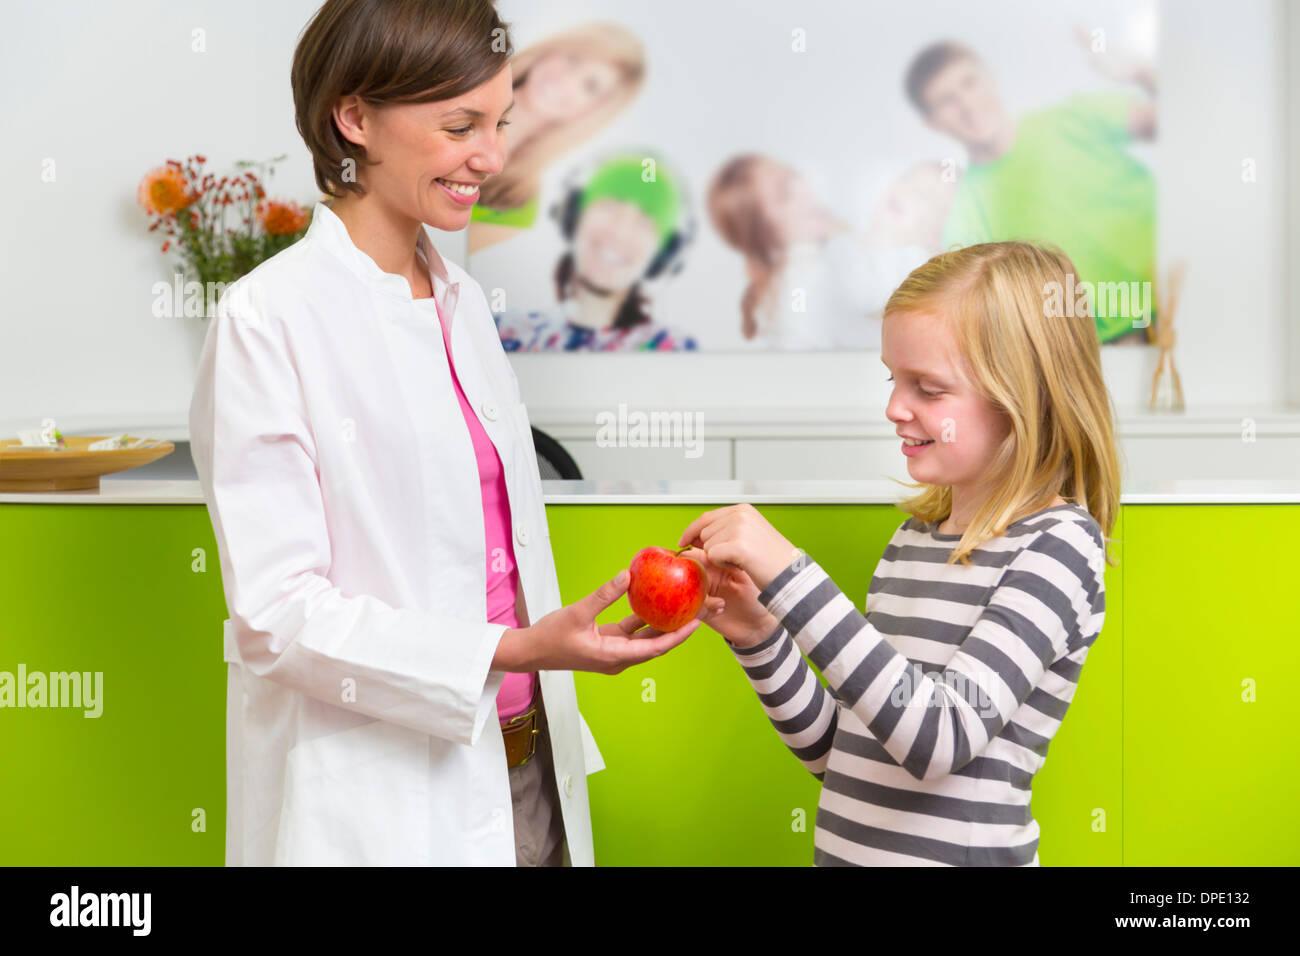 Dentista dando ragazza apple in ricezione dentale Immagini Stock